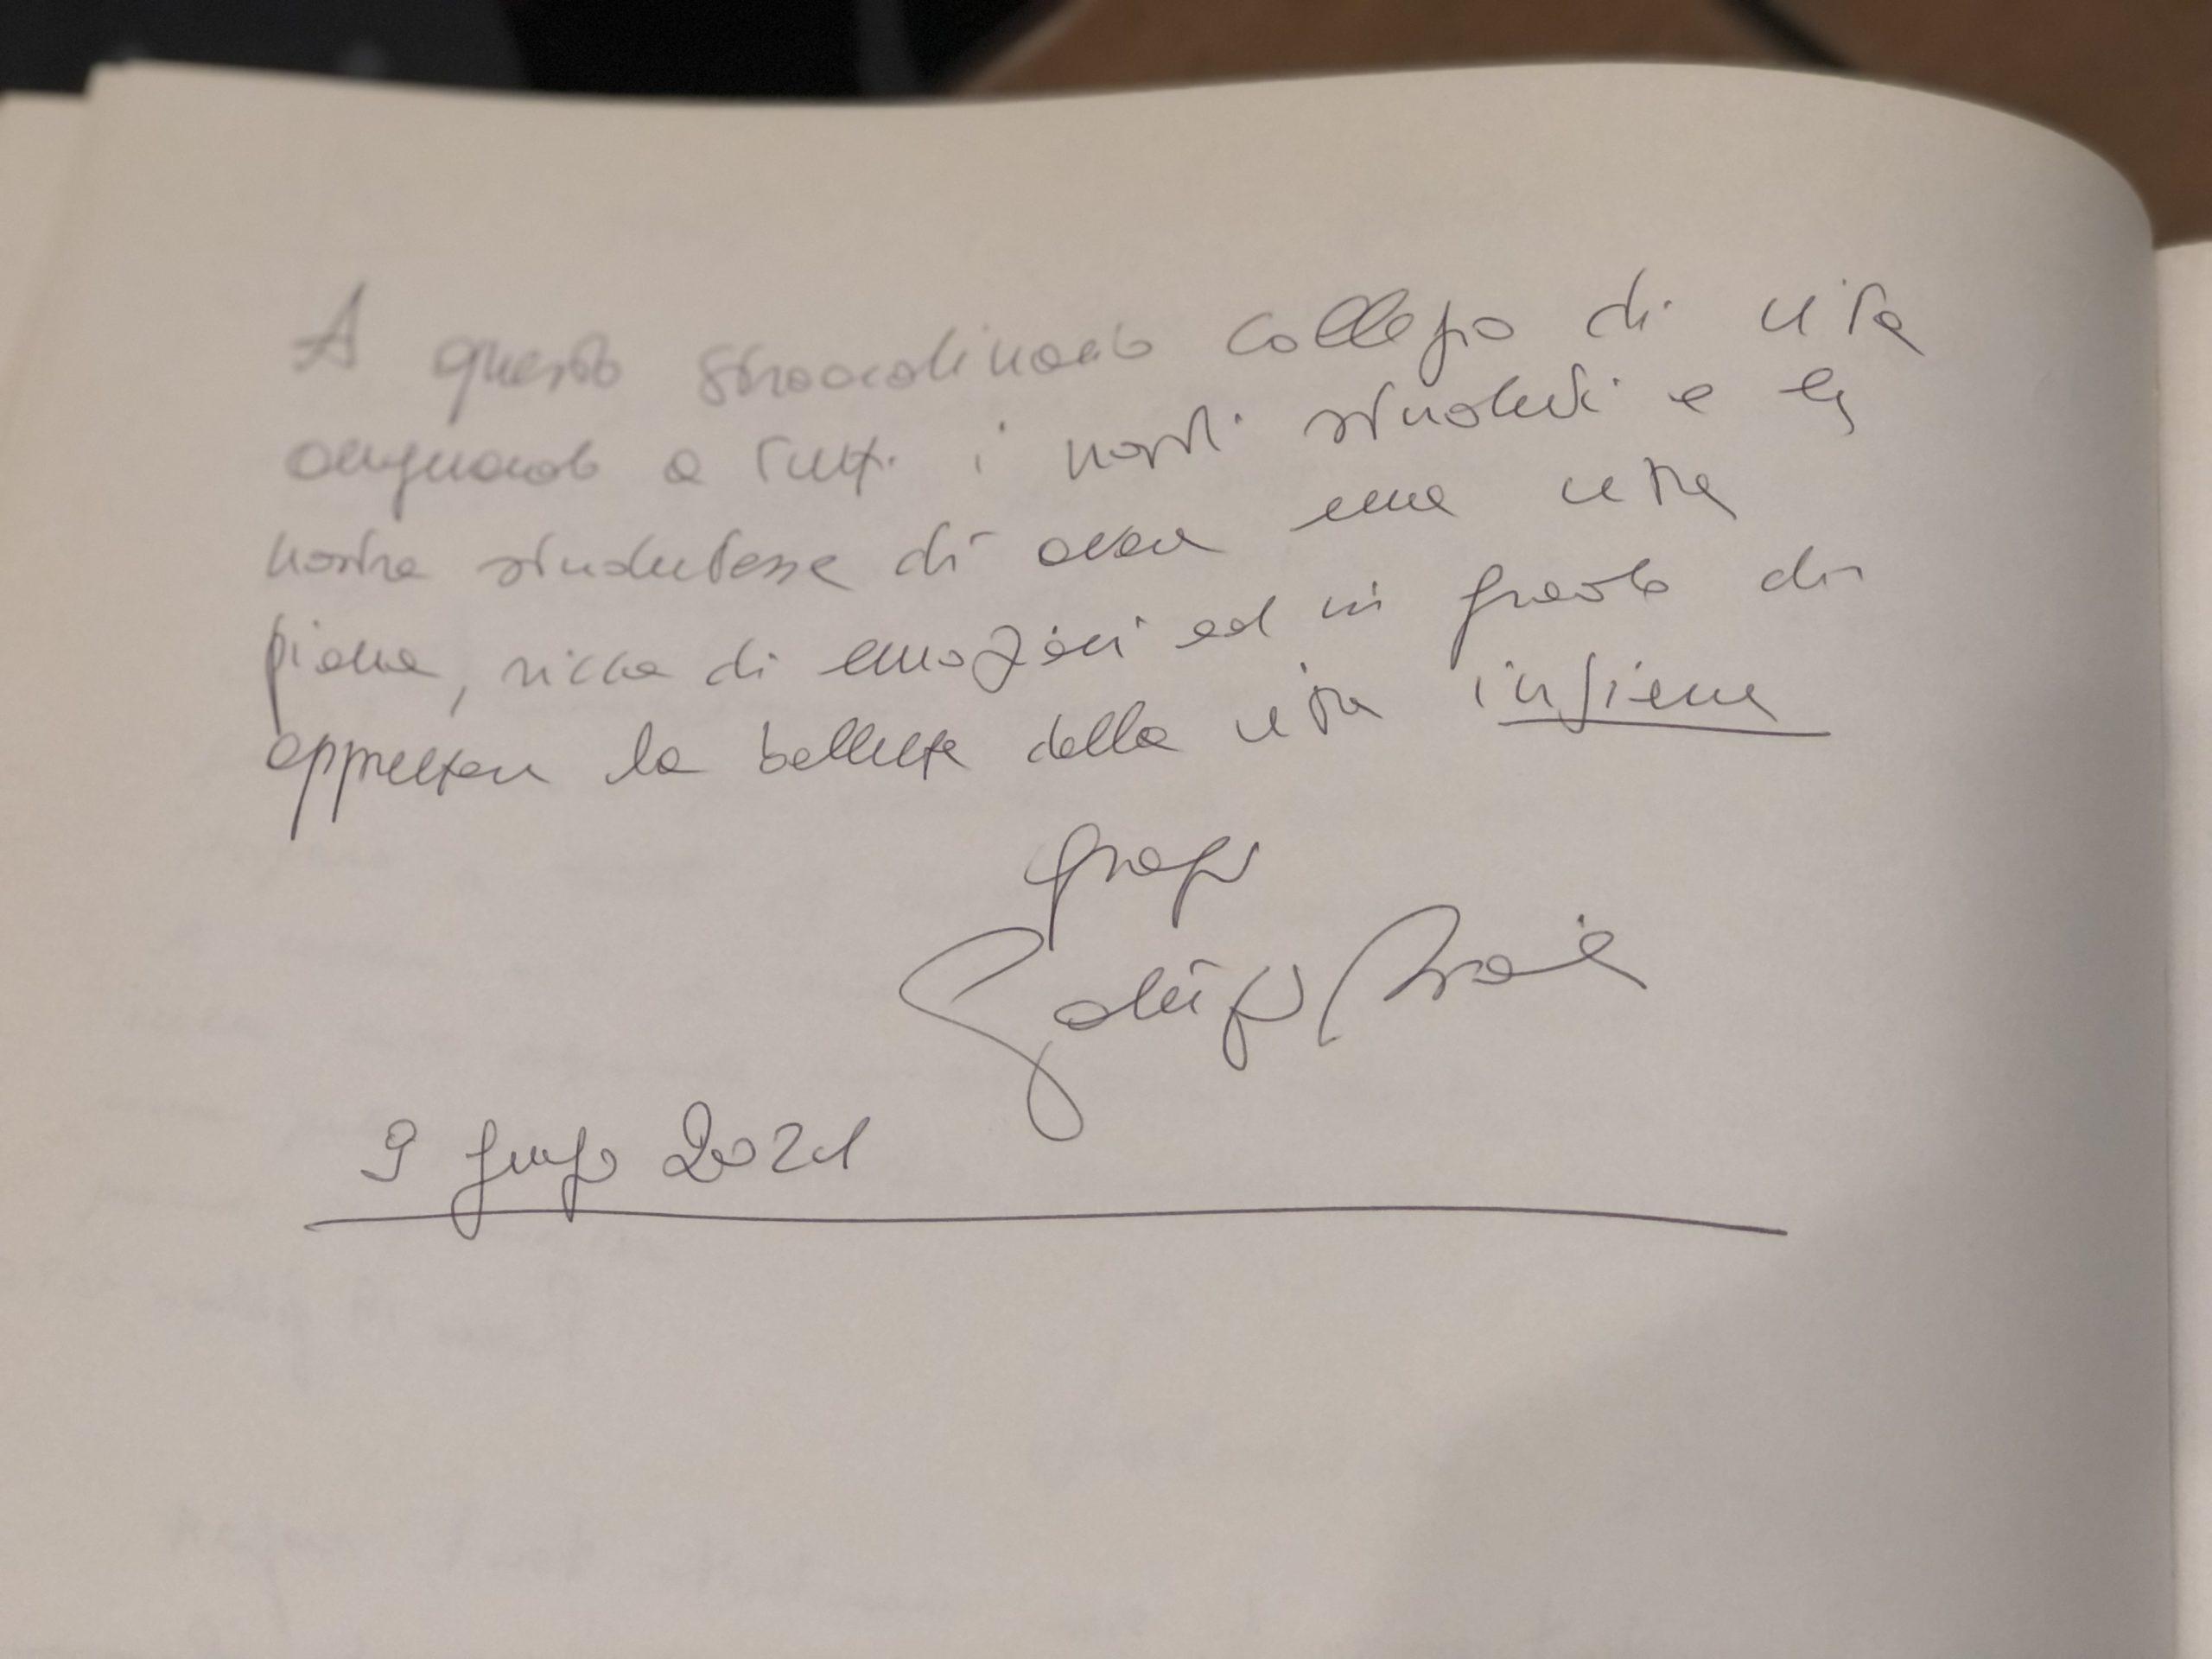 dedica Patrizio Bianchi Lamaro pozzani